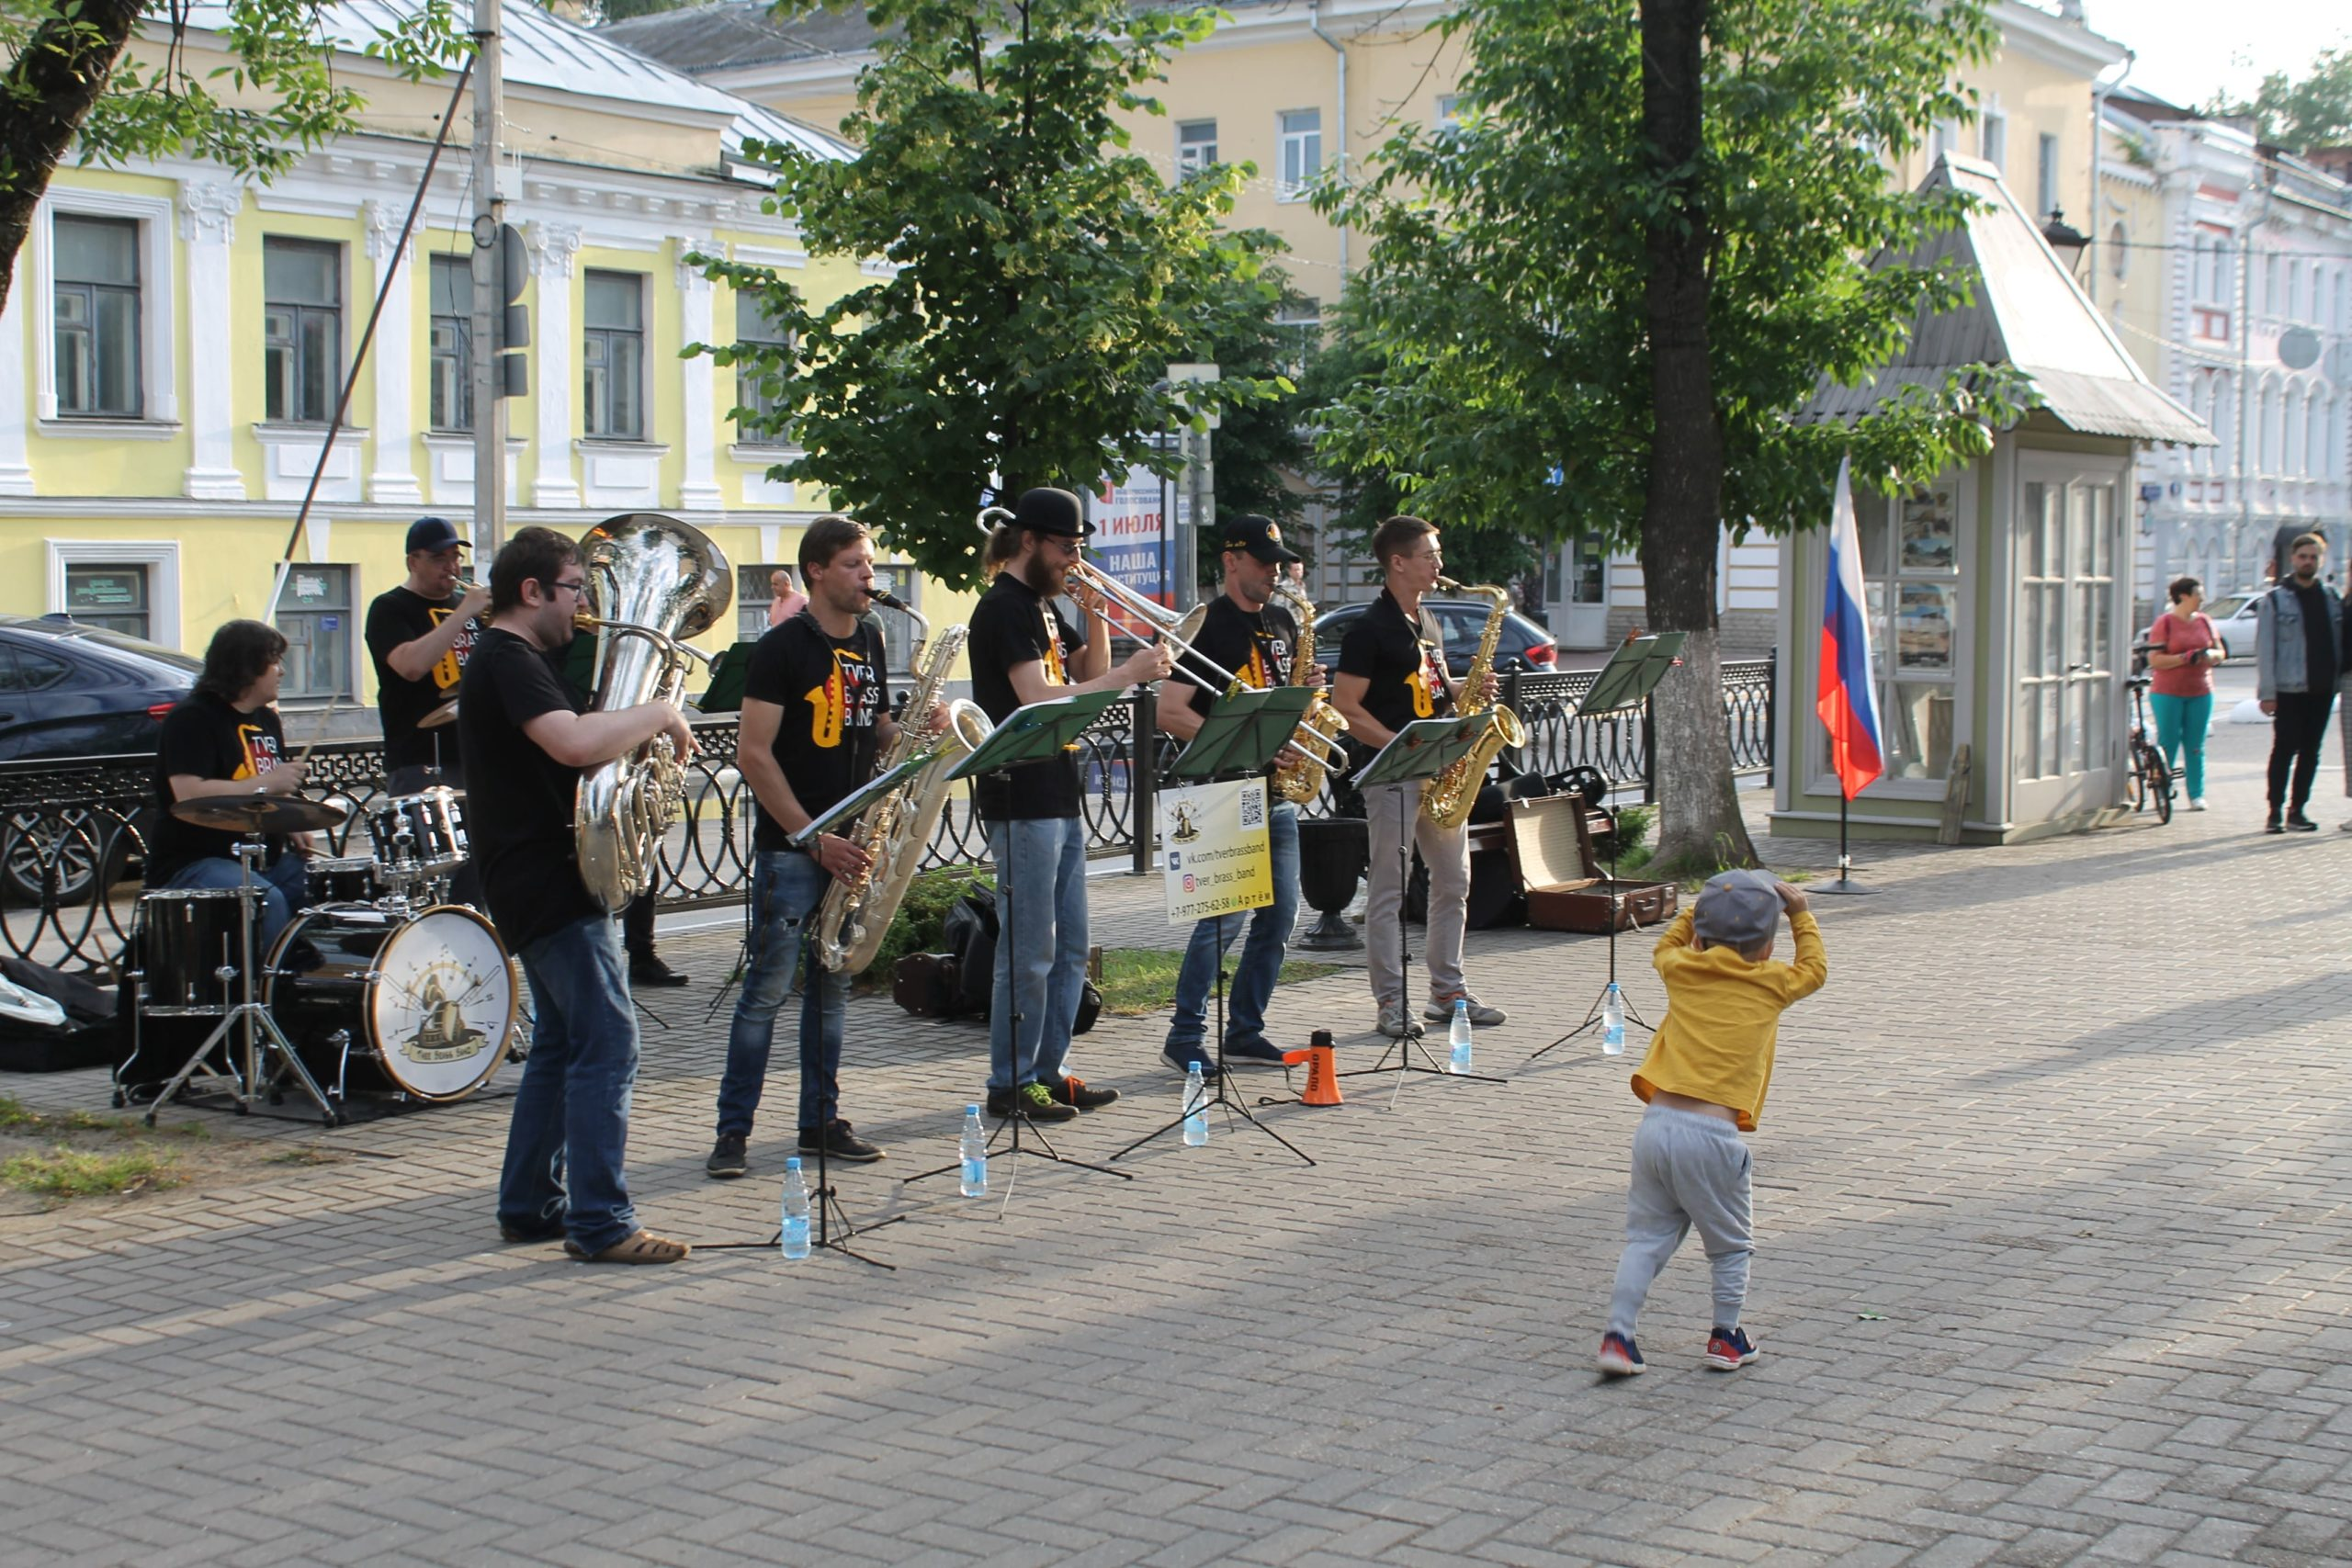 В Тверской области проходят мероприятия в честь принятия поправок в Конституцию РФ